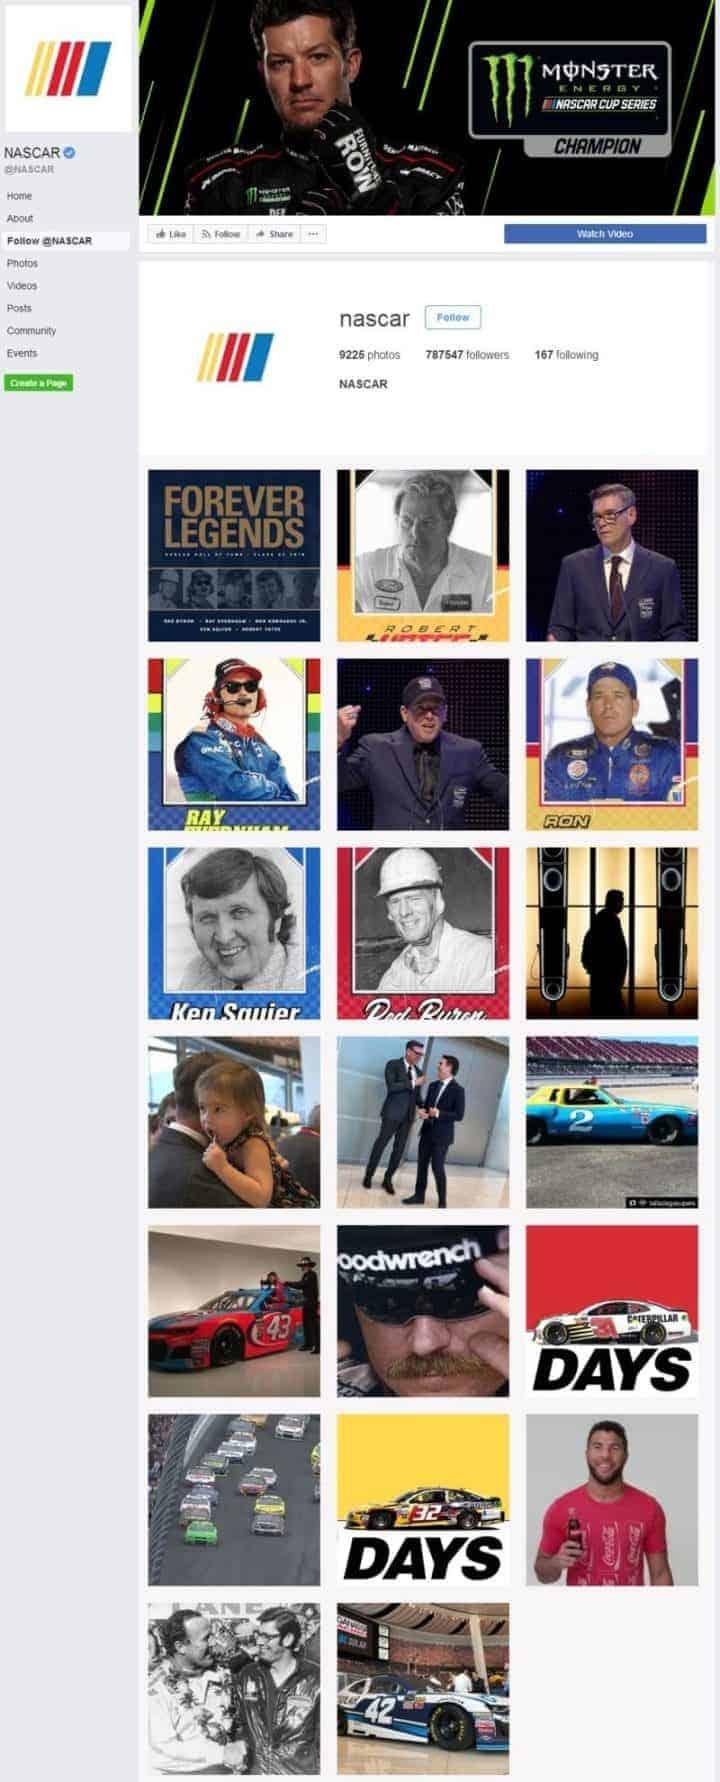 facebook cover image nascar